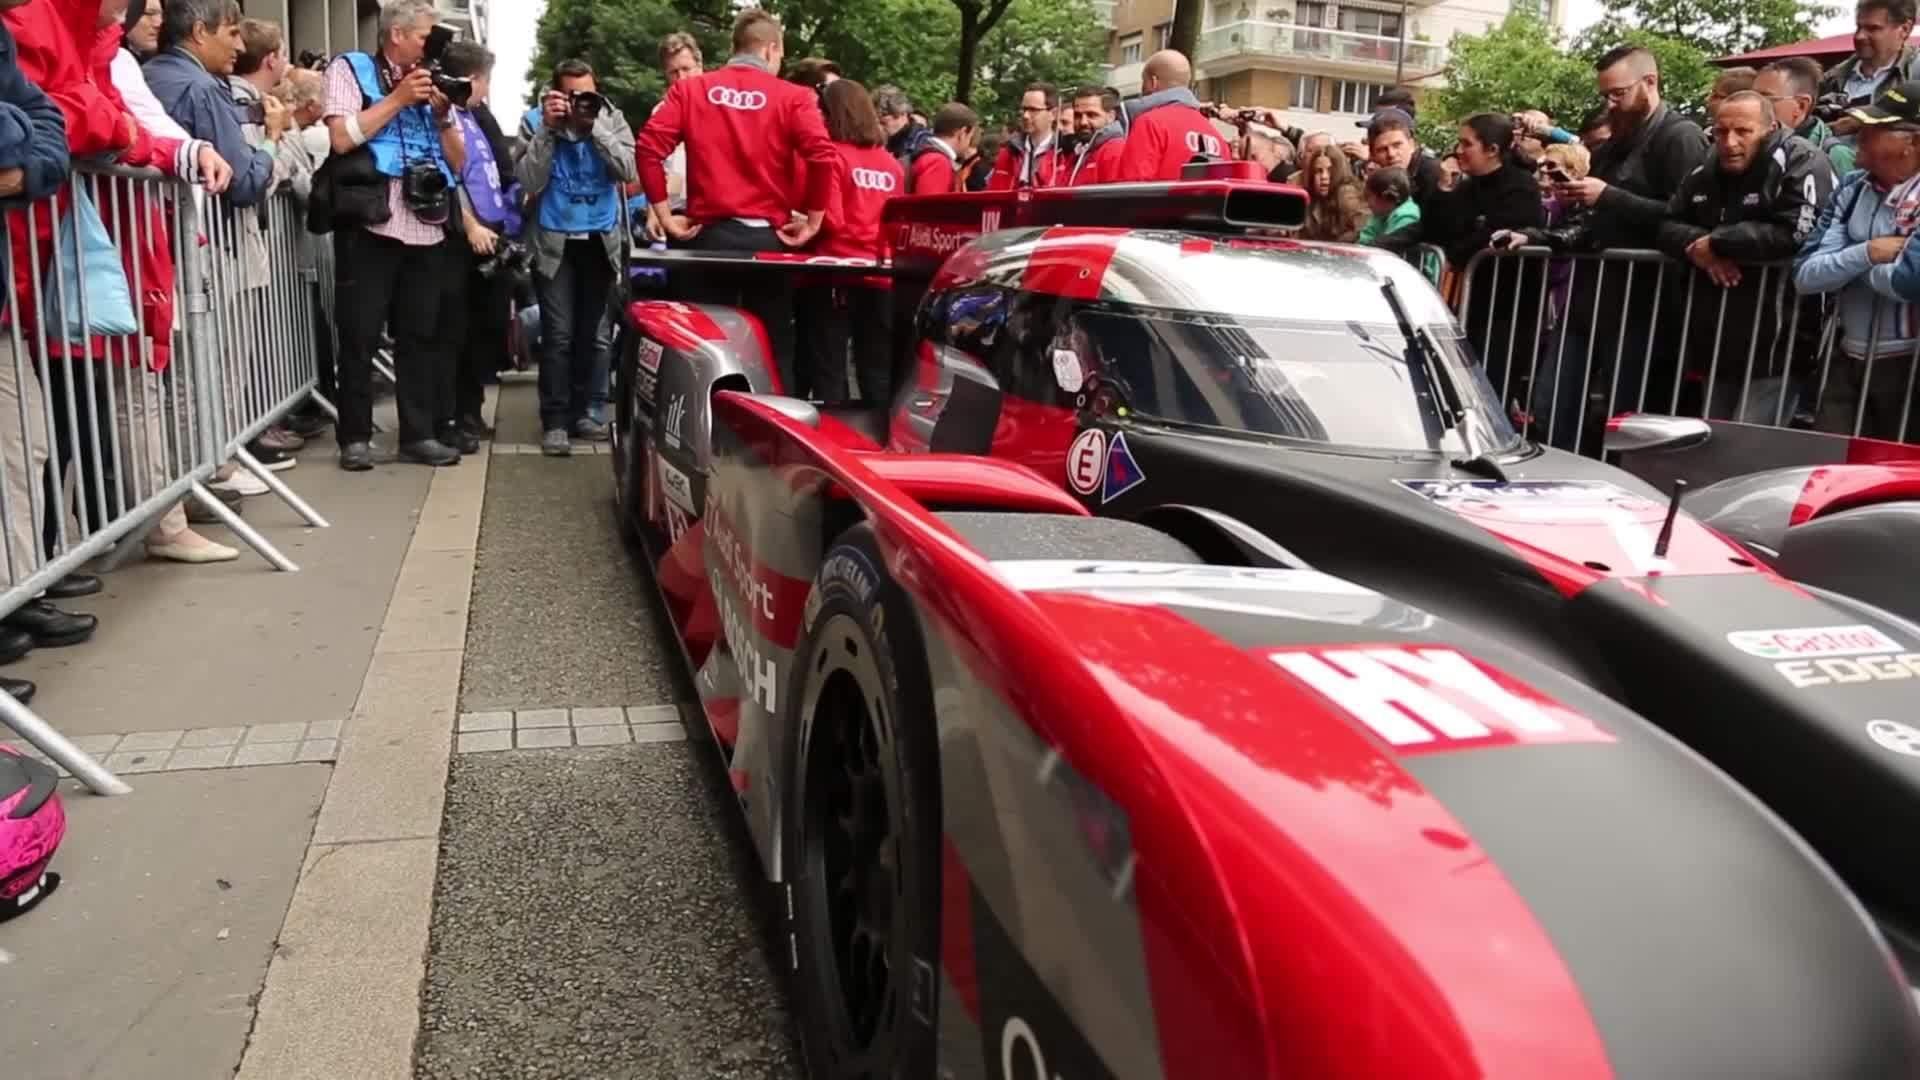 24h Le Mans - Scrutineering